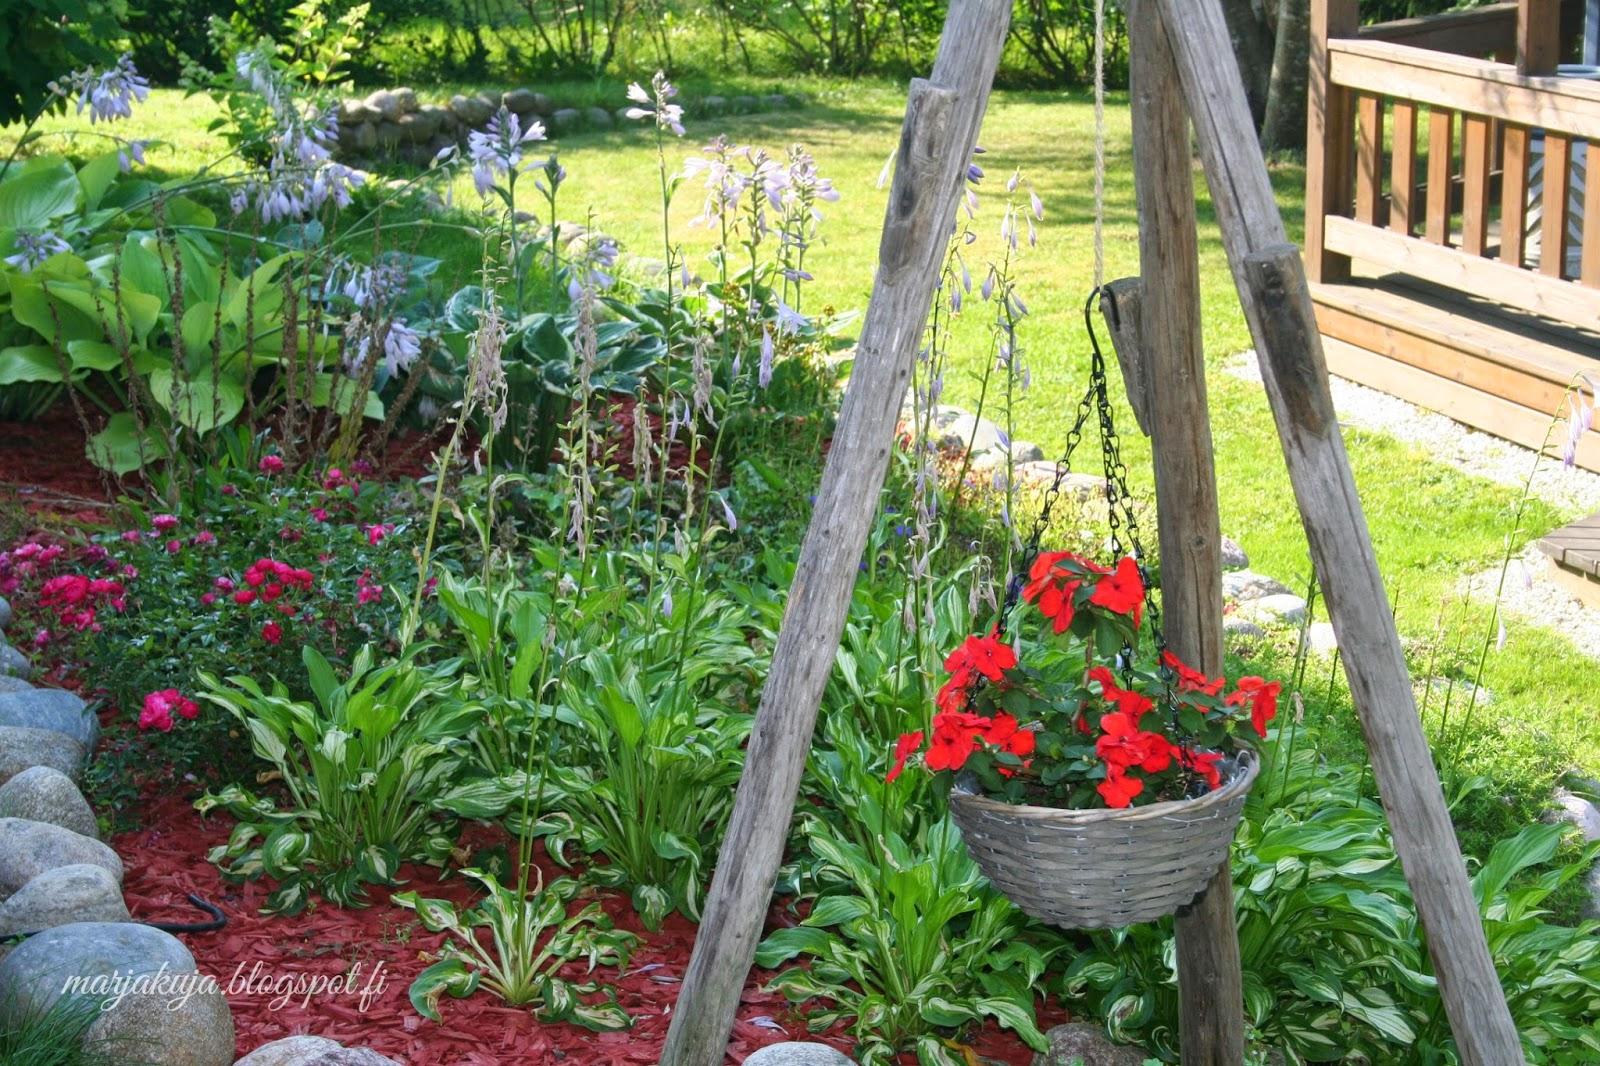 Kukkamaa heinäseiväs kesä piha puutarha